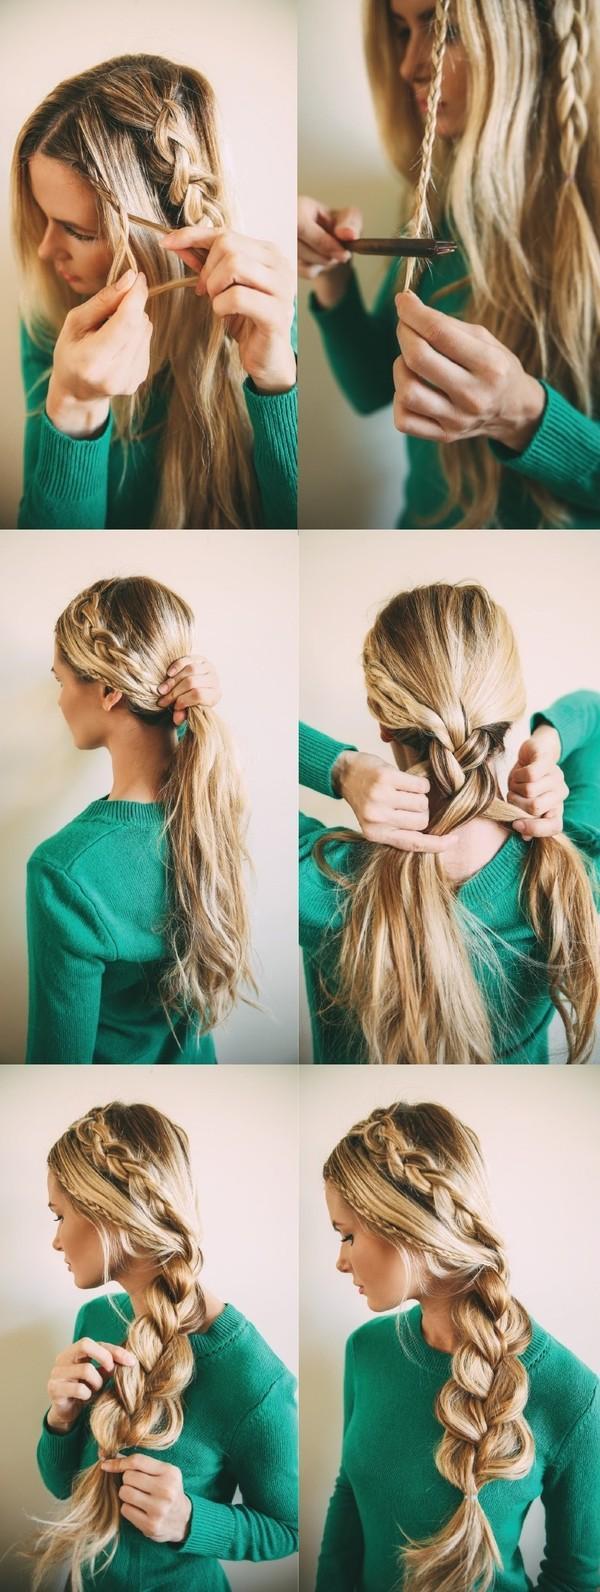 24 kiểu tóc đẹp tuyệt vời dành cho cô nàng tóc hư tổn tự tin cuốn hút mọi lúc mọi nơi phần 20